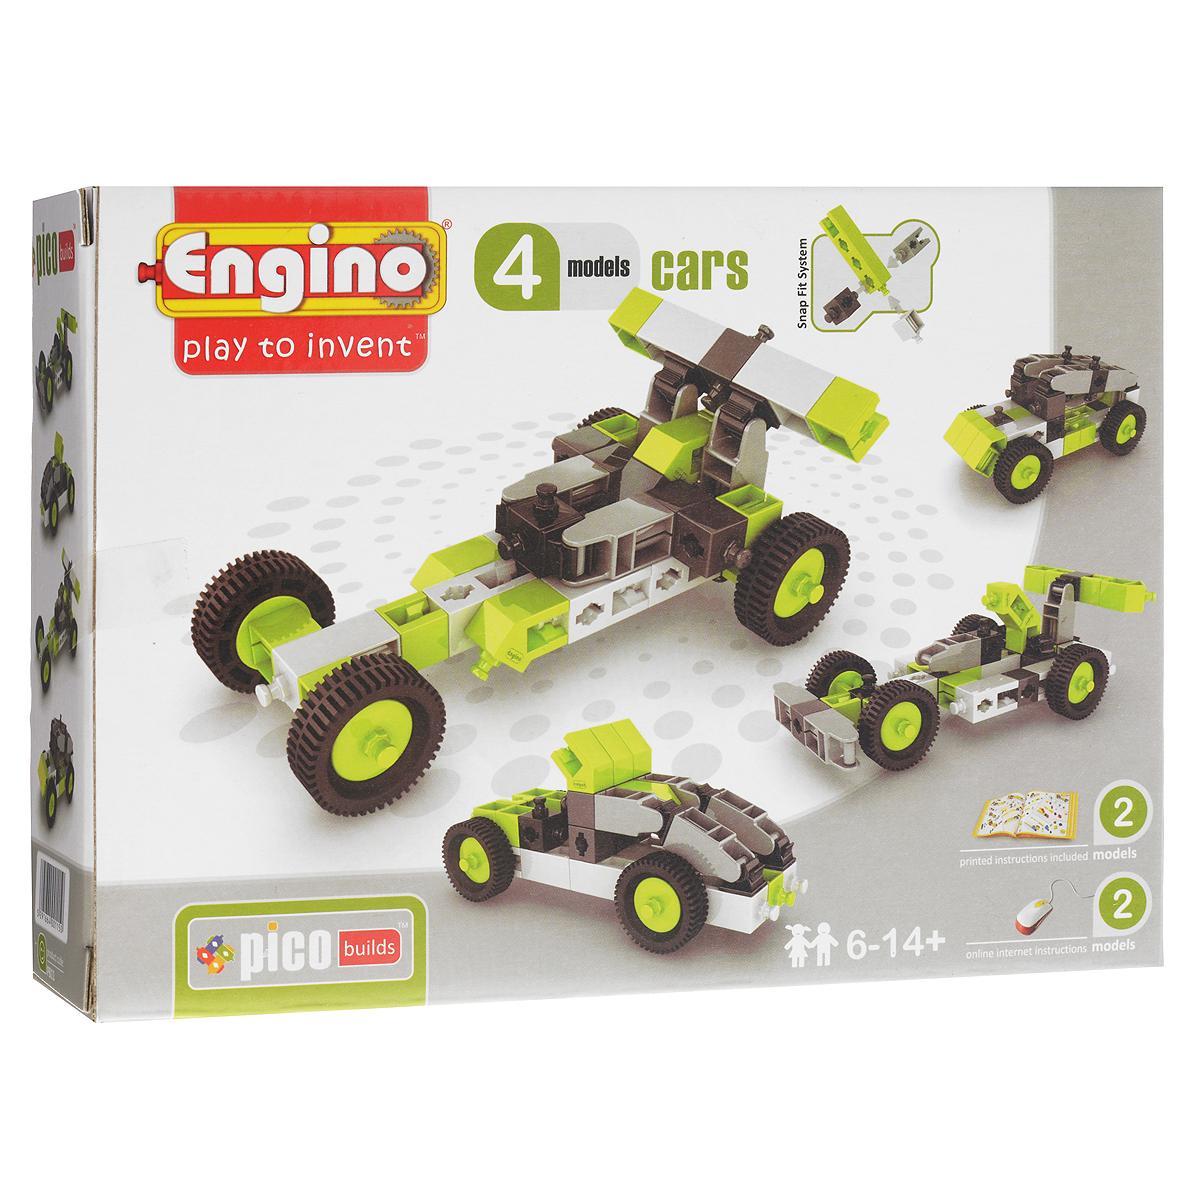 Engino Конструктор Cars 4 modelsPB11(0431)Конструктор Engino Cars обязательно понравится вашему ребенку! Конструктор включает в себя 49 элементов и схематичную инструкцию по сборке. В прилагаемой инструкции приведены модели двух машинок, и еще к двум моделям доступны онлайн-инструкции на официальном сайте производителя. Также ребенок может сконструировать свои модели. Игры с конструктором помогут ребенку развить воображение, внимательность, пространственное мышление и творческие способности.